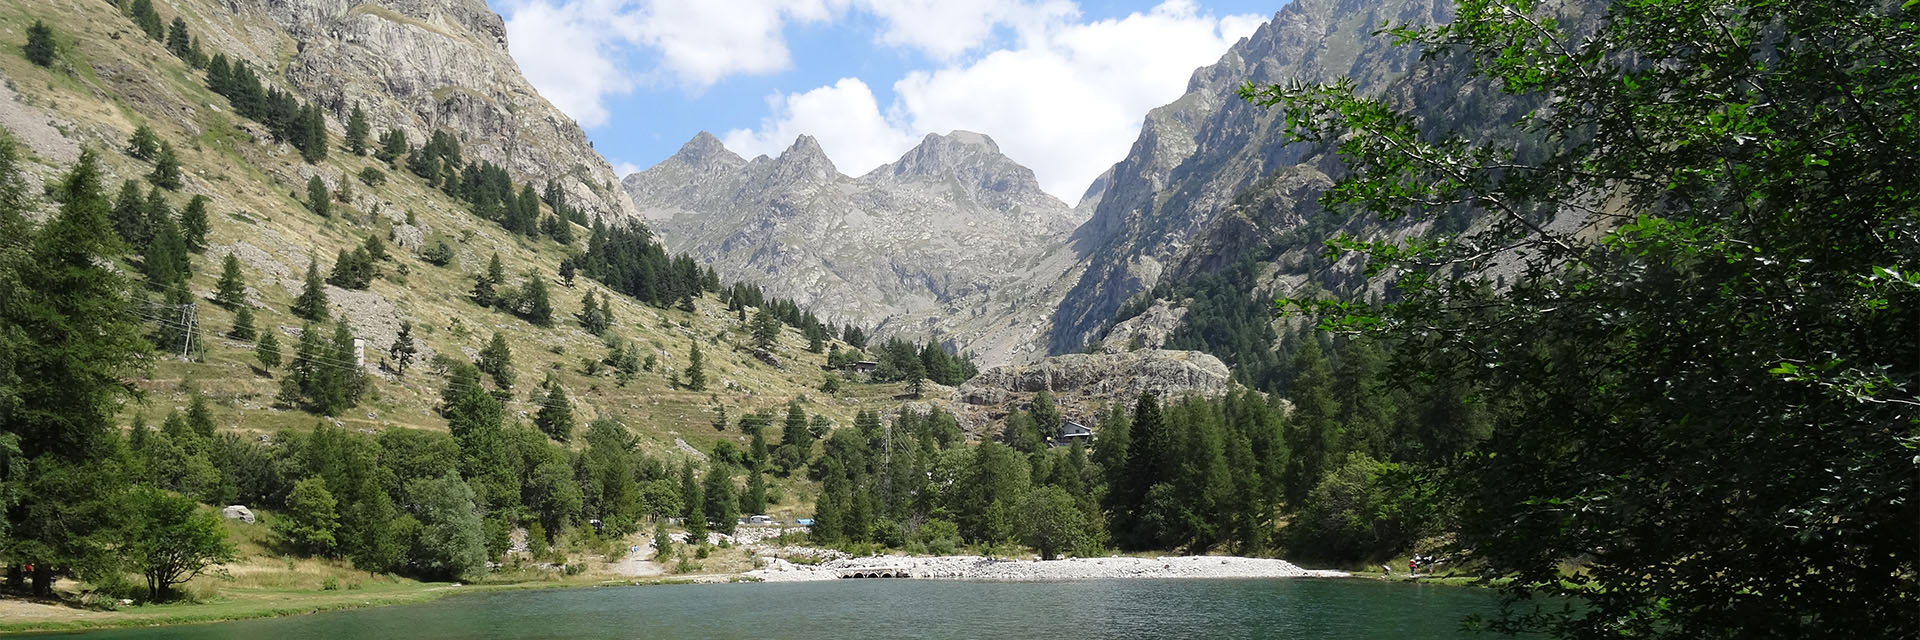 Village_club_vacances_alpes-de-haute-provence_semeuse_montagne